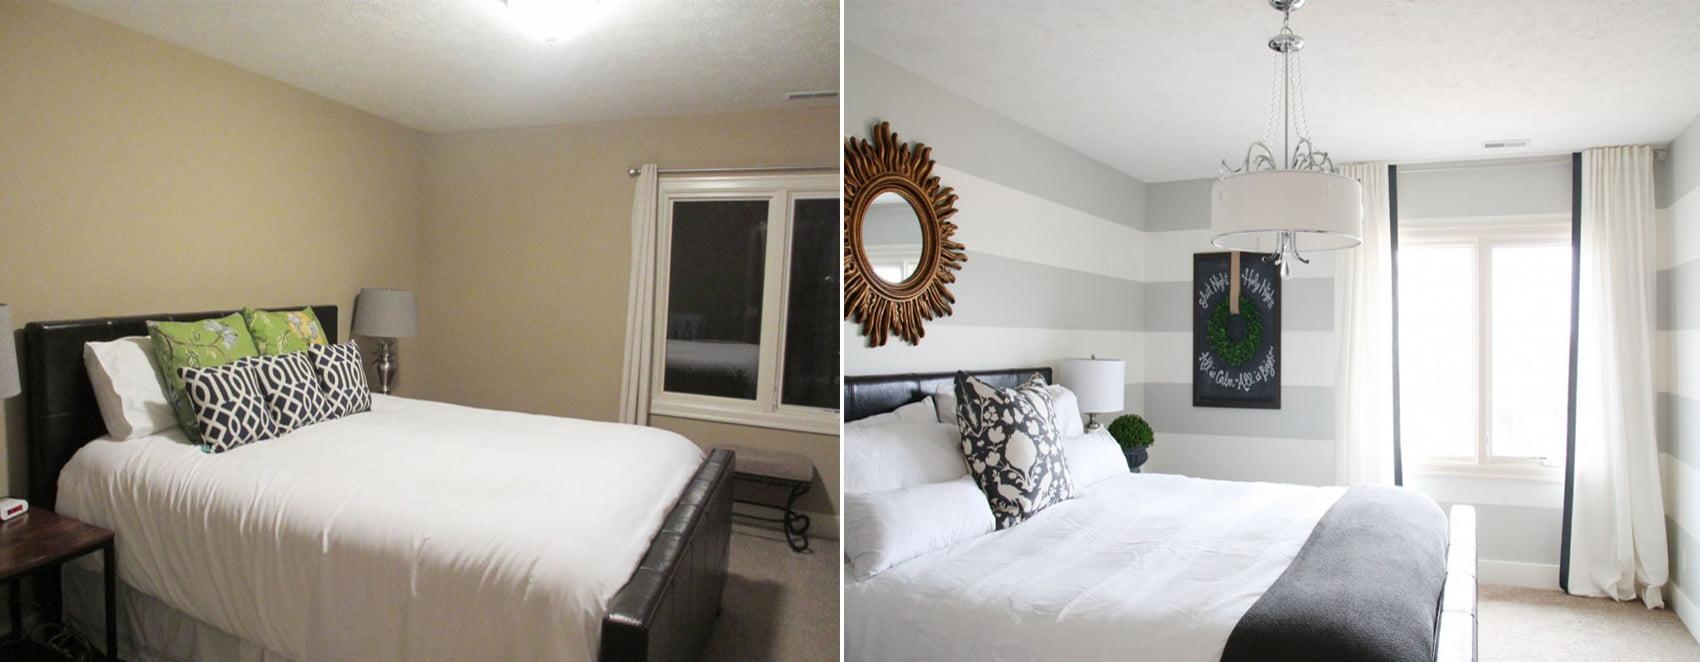 15 yatak odası işsiz ve mobilyasız yenilenmiş, muhteşem